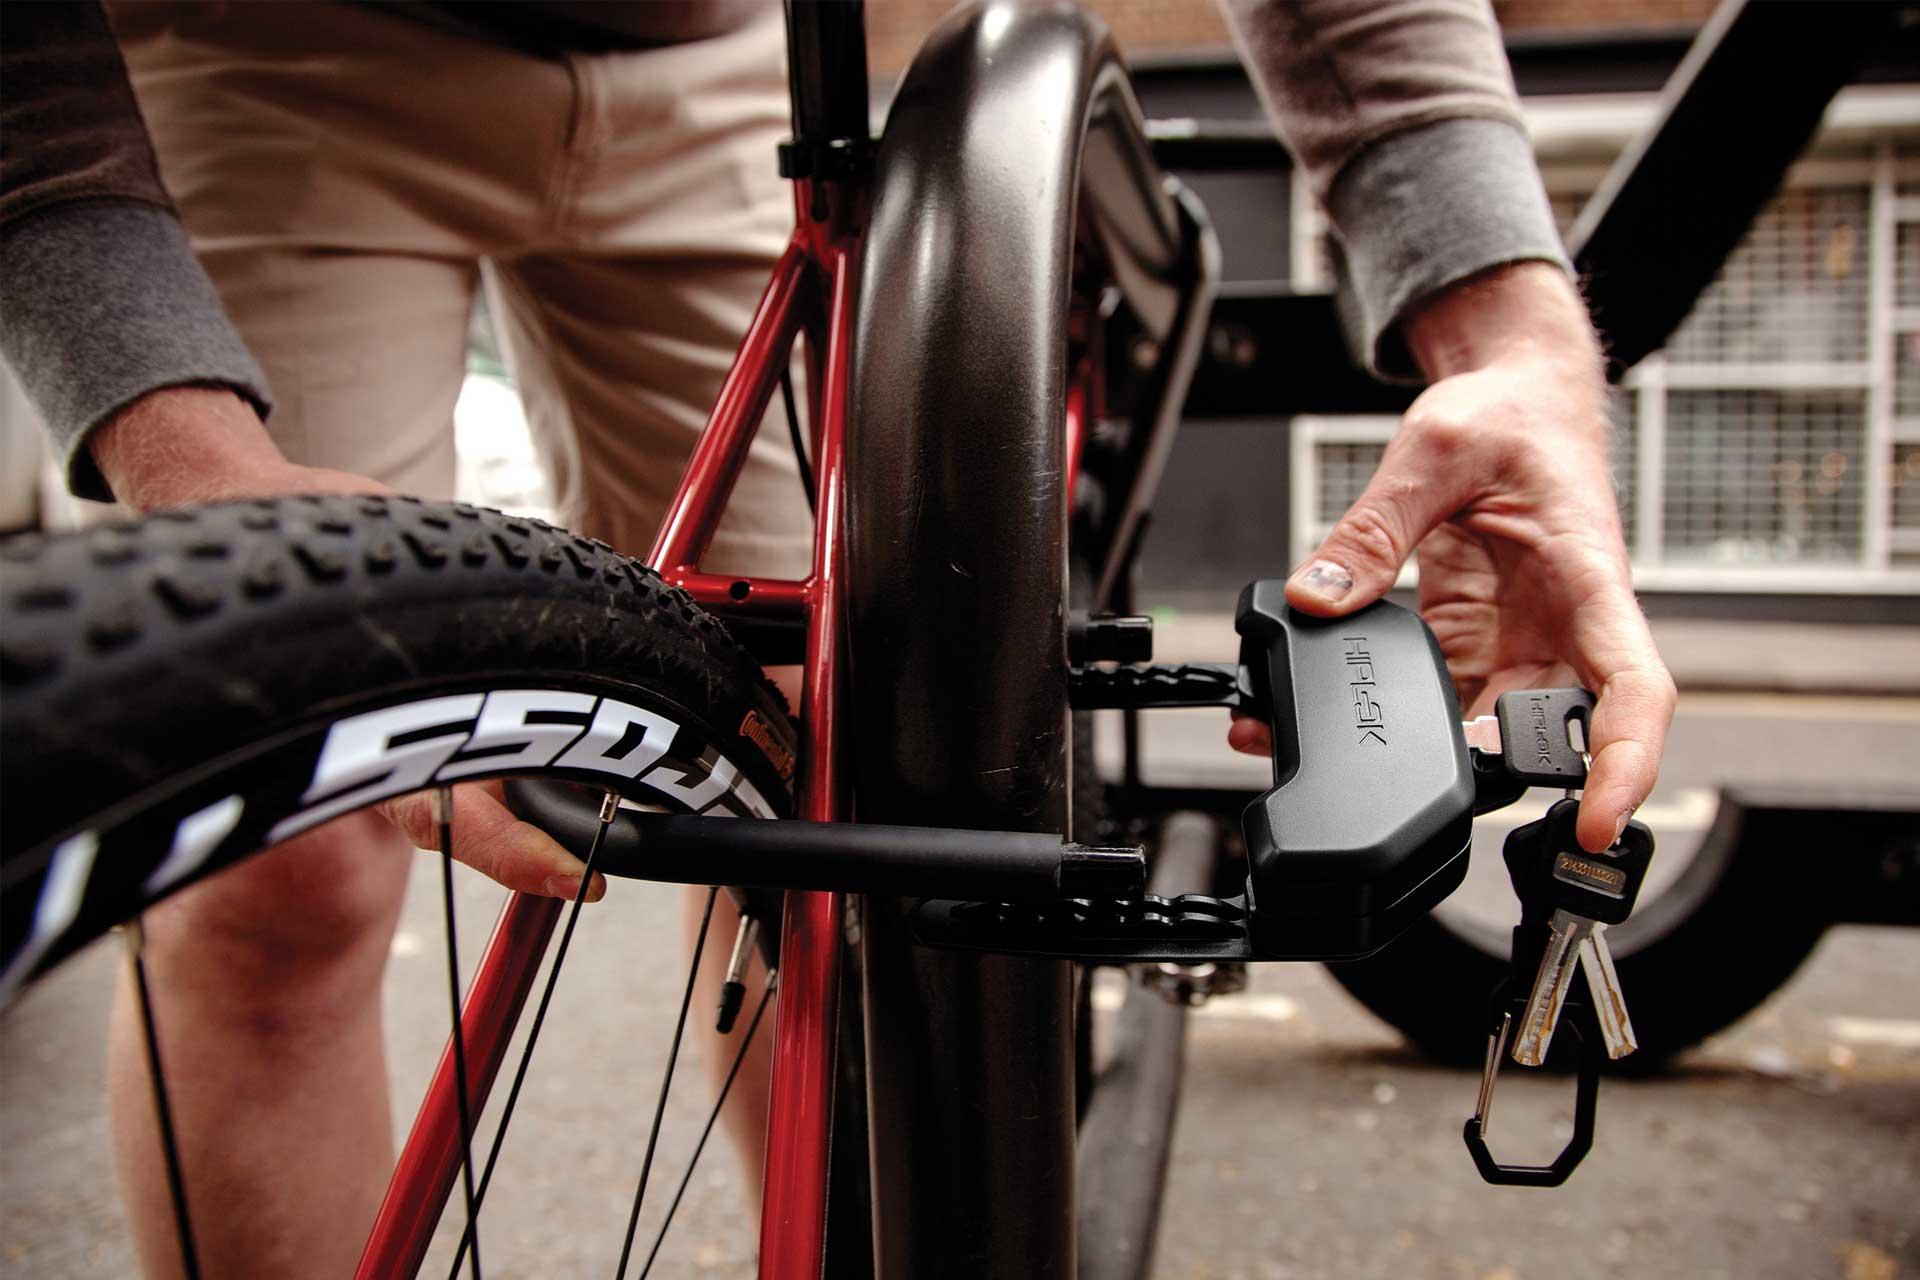 buy online online shop differently Comment éviter le vol de vélo : conseils et astuces